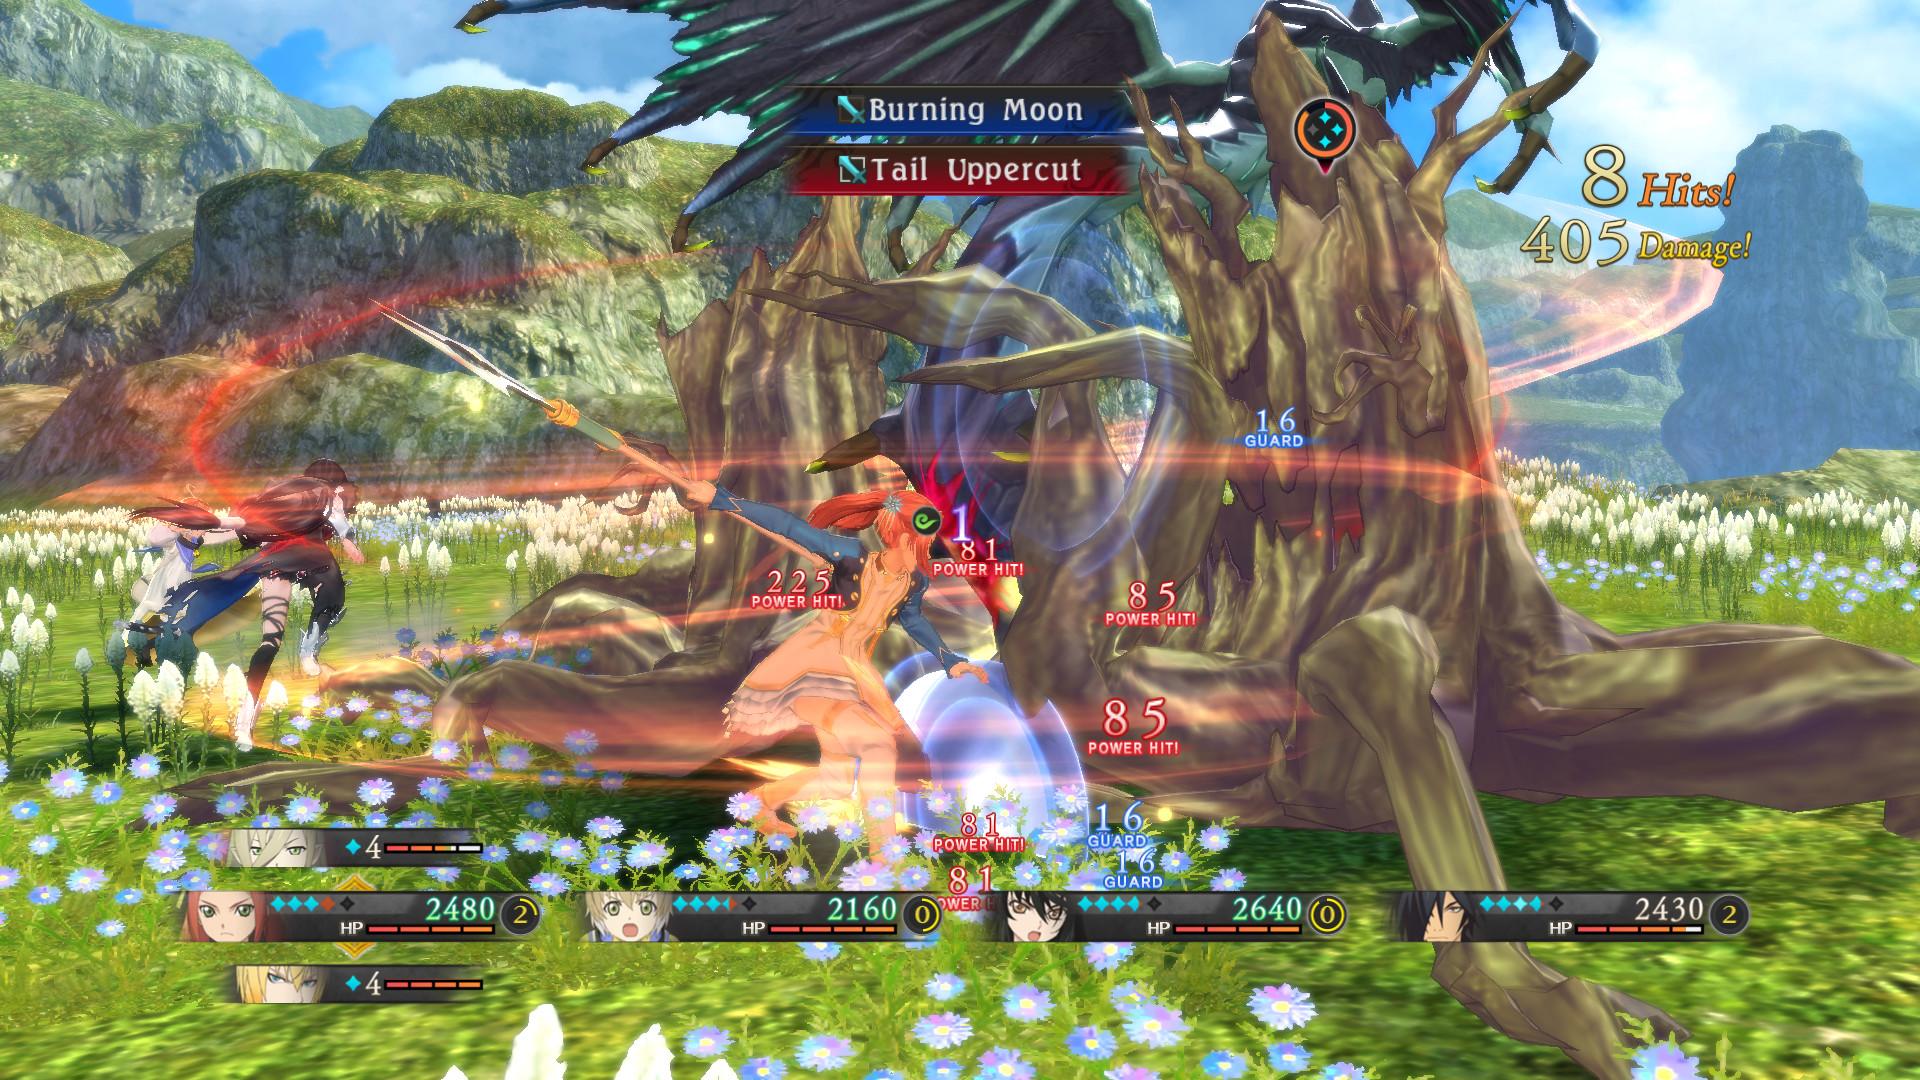 KHAiHOM.com - Tales of Berseria™